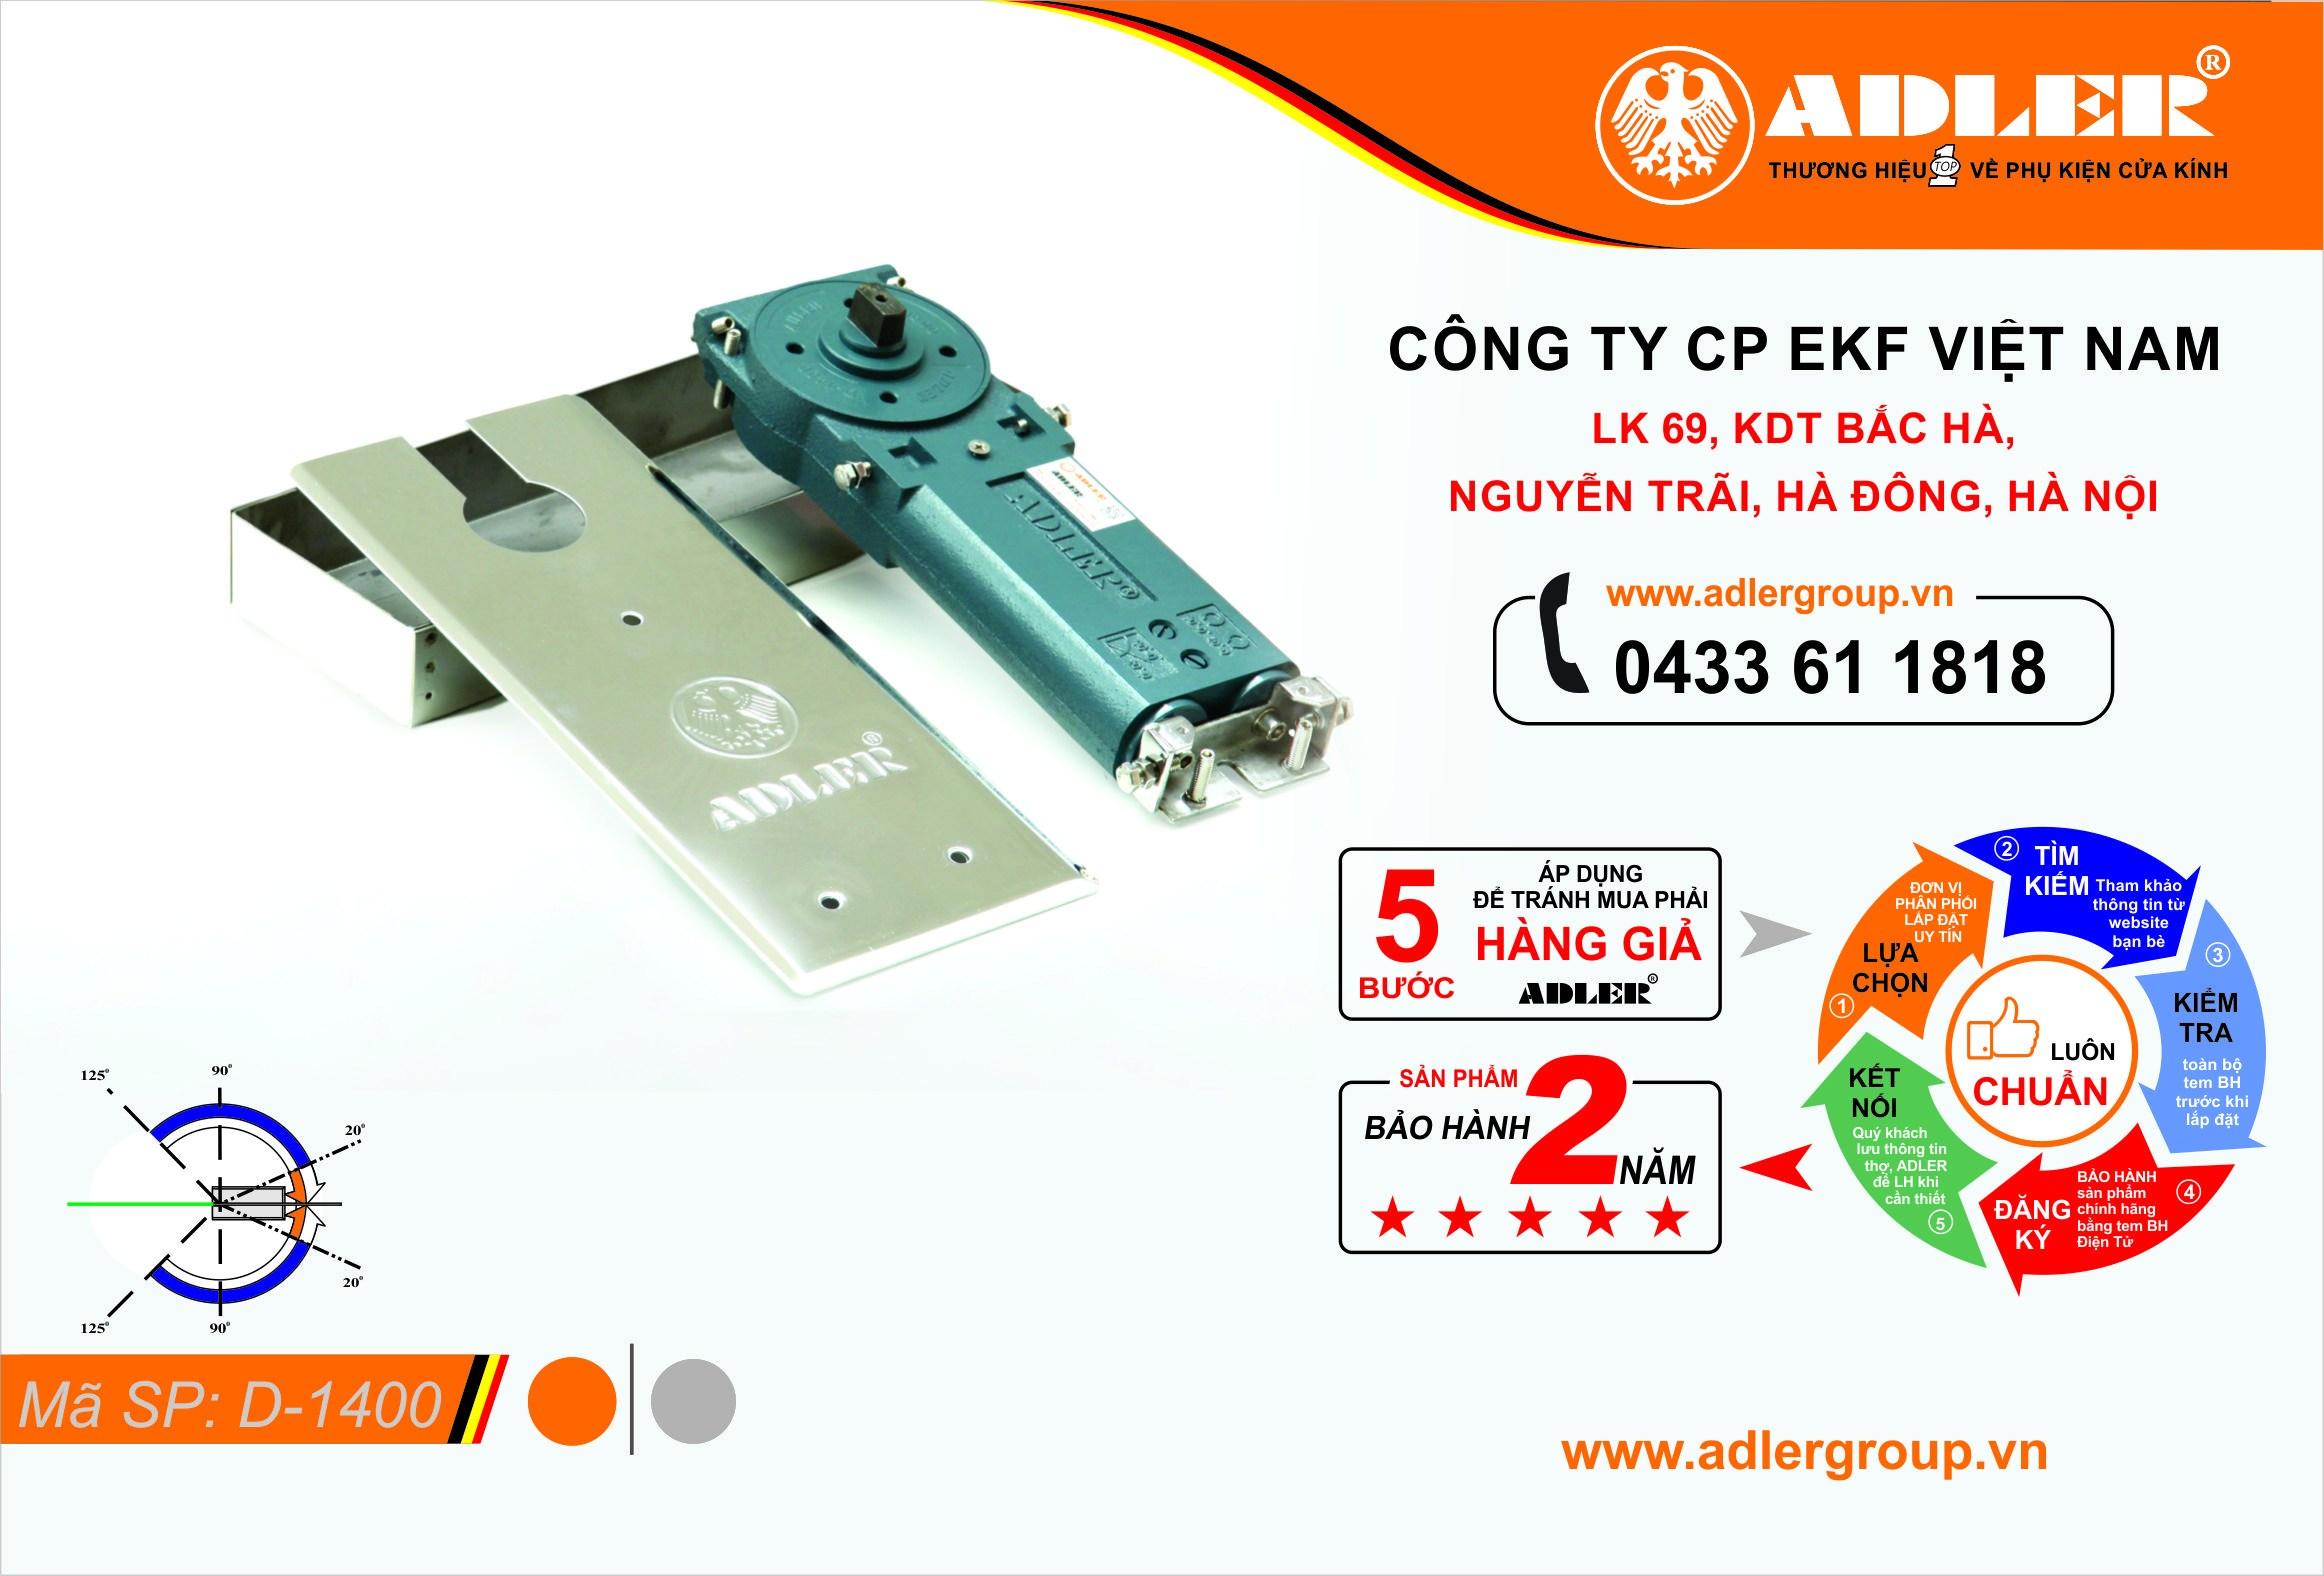 Các thành phần cấu tạo sản phẩm D1400: nắp BLS , hộp BLS , thân BLS